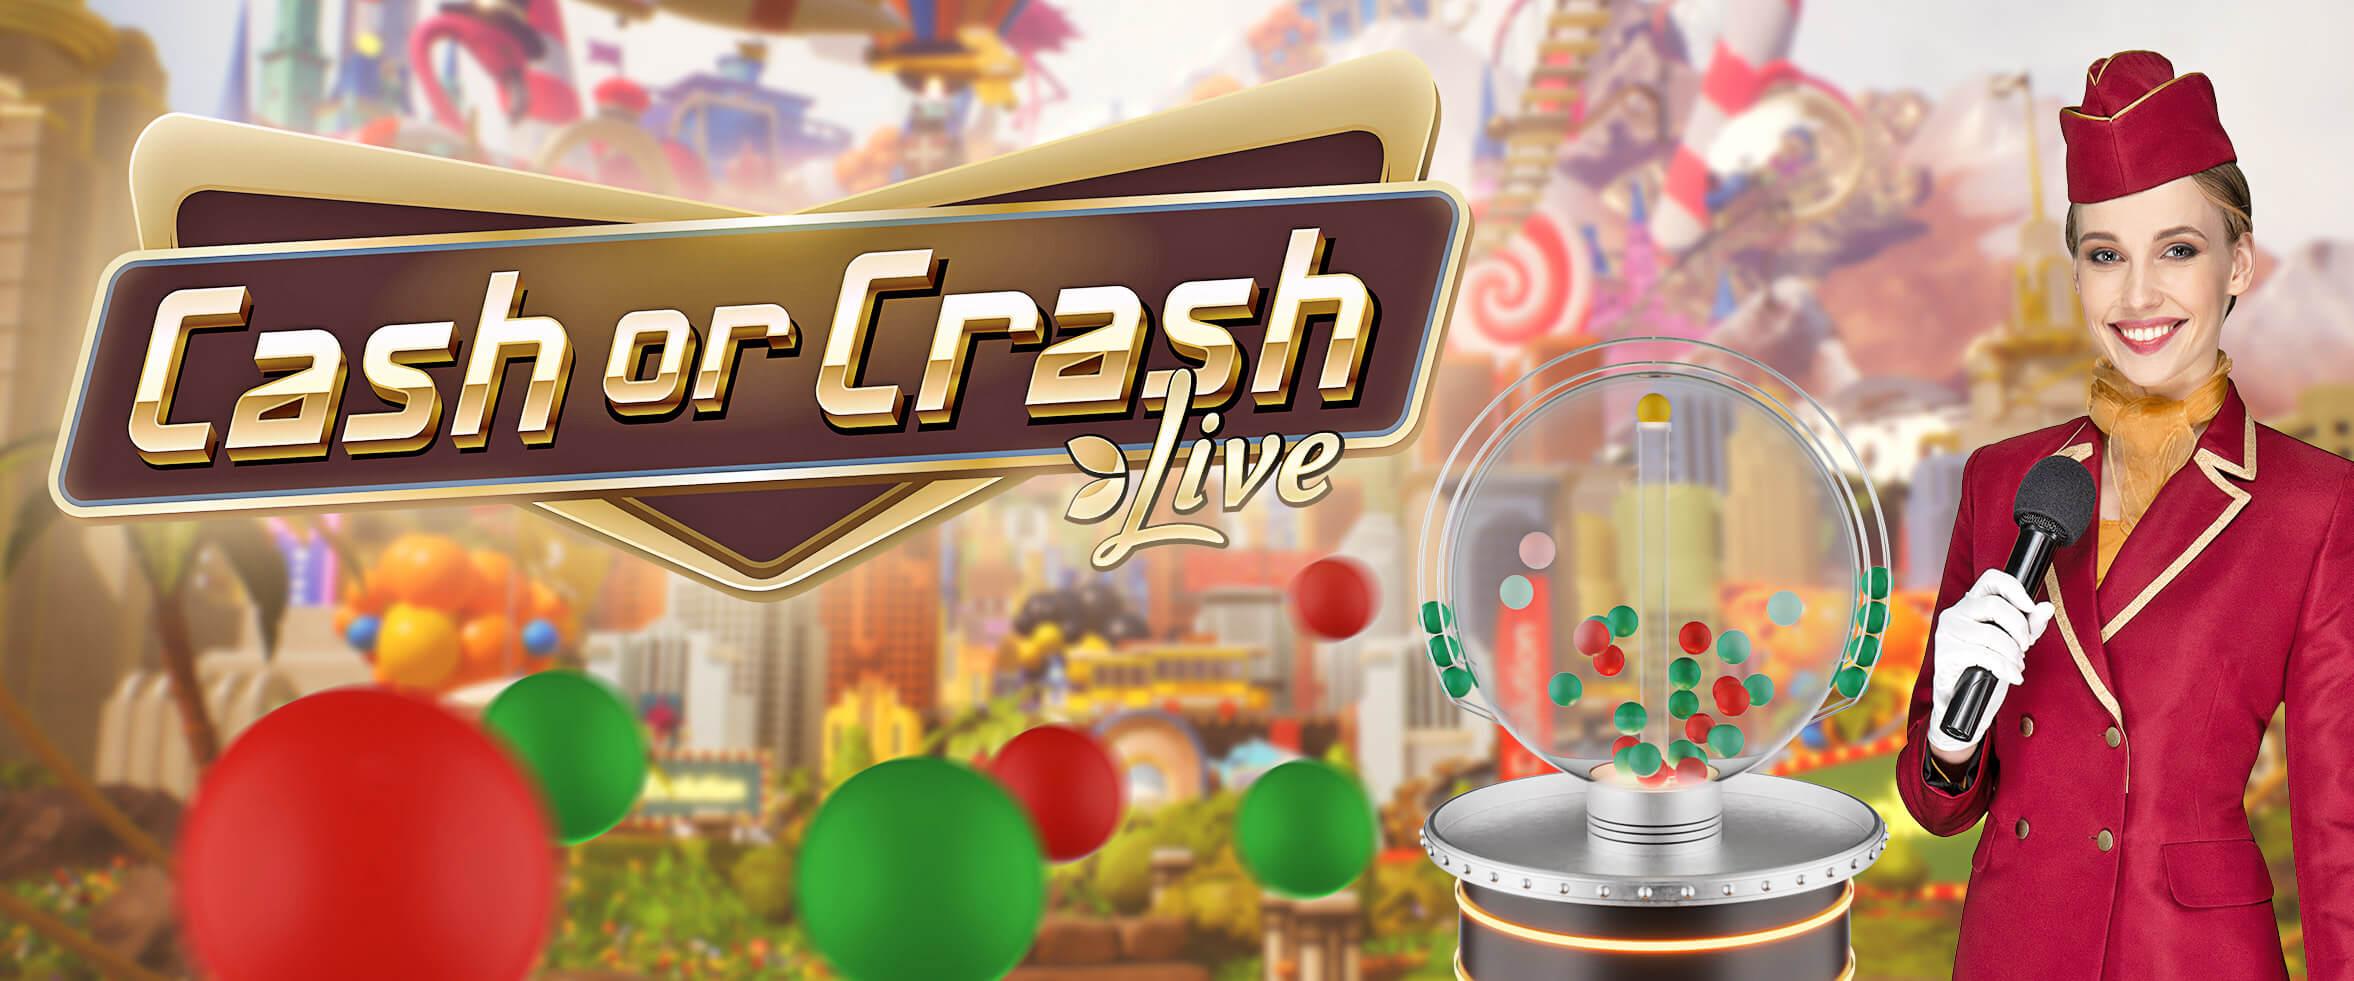 Voita palkintosi tuplana Cash or Crash -pelissä